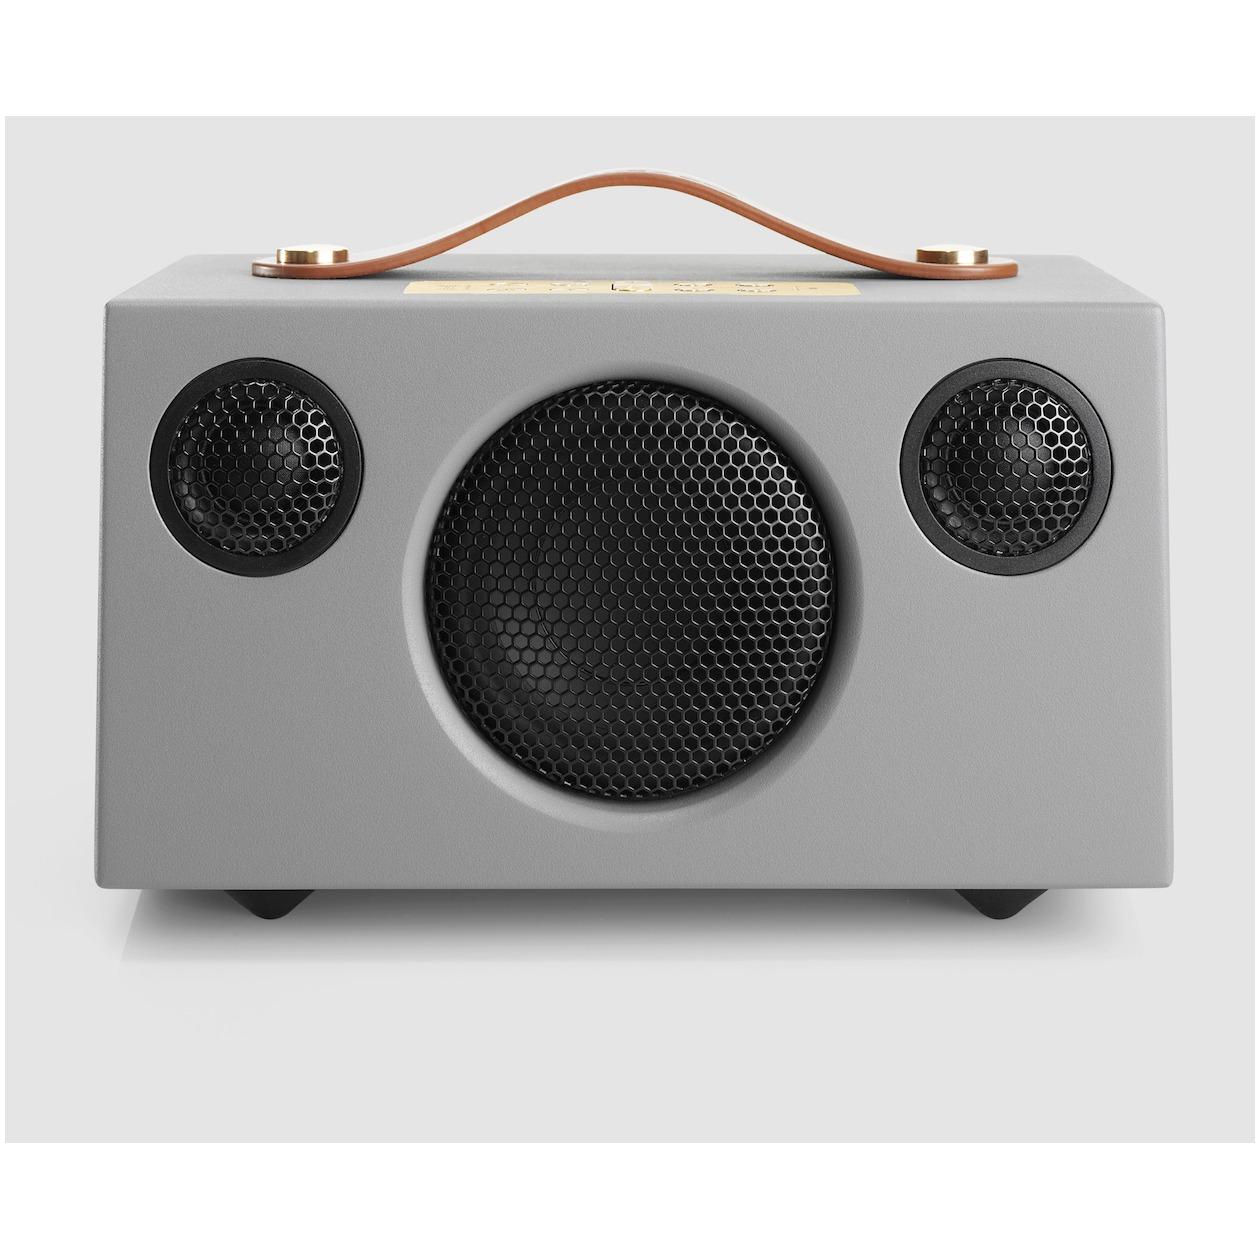 Afbeelding van Audio Pro wifi speaker C3 grijs